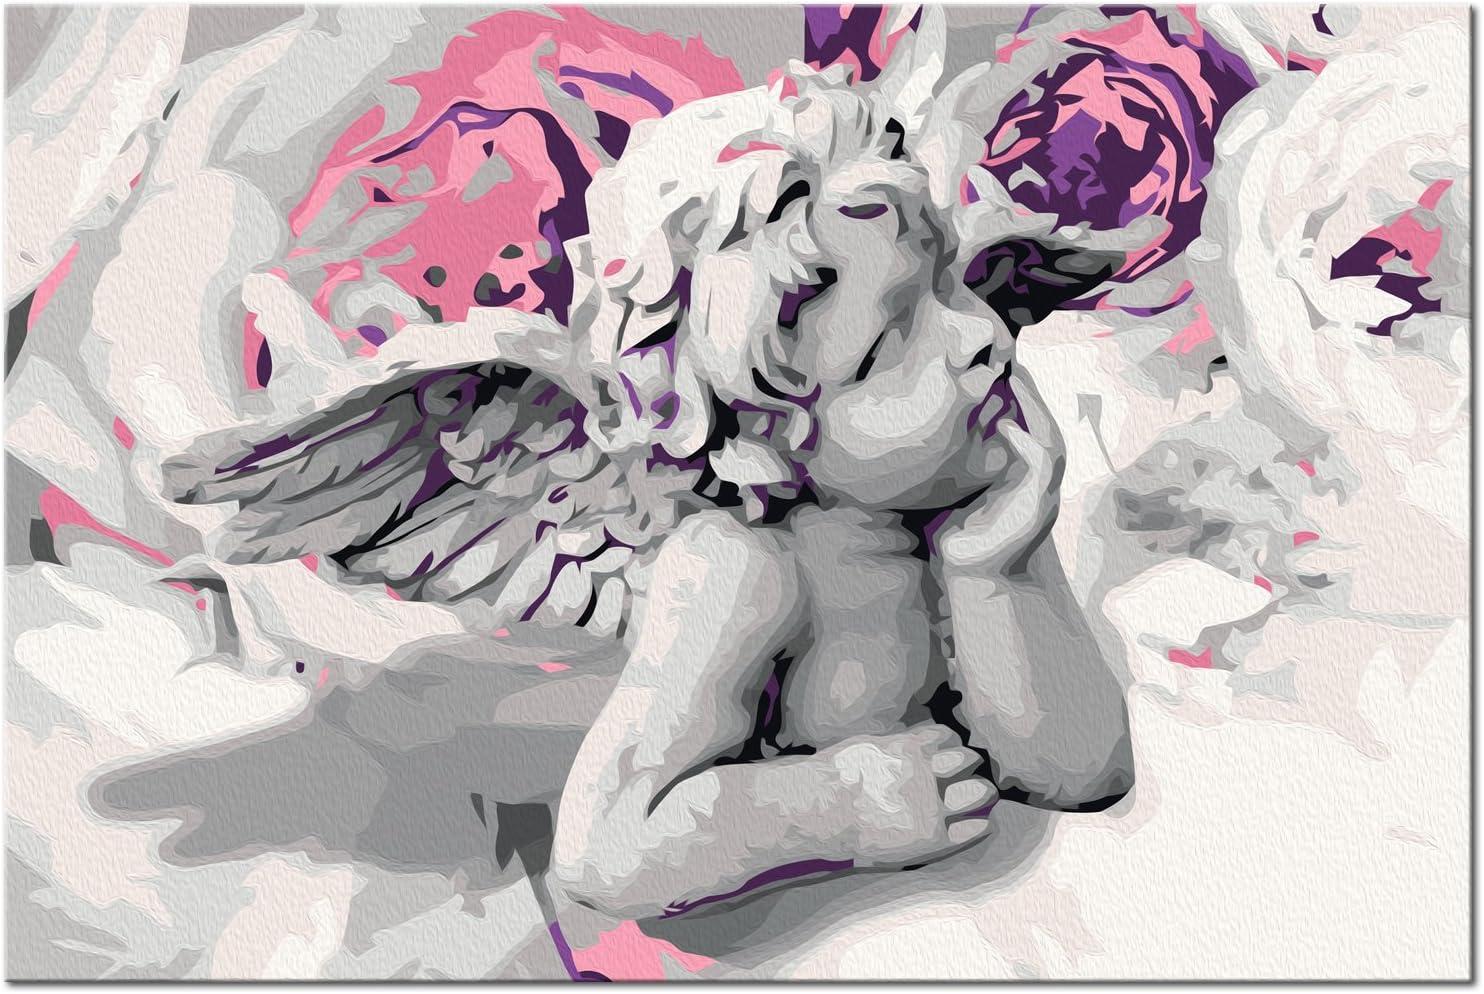 Lirio 60x40 cm n-A-0370-d-a murando Pintura por N/úmeros Cuadros de Colorear por N/úmeros Kit para Pintar en Lienzo con Marco DIY Bricolaje Adultos Ni/ños Decoracion de Pared Regalos DIY